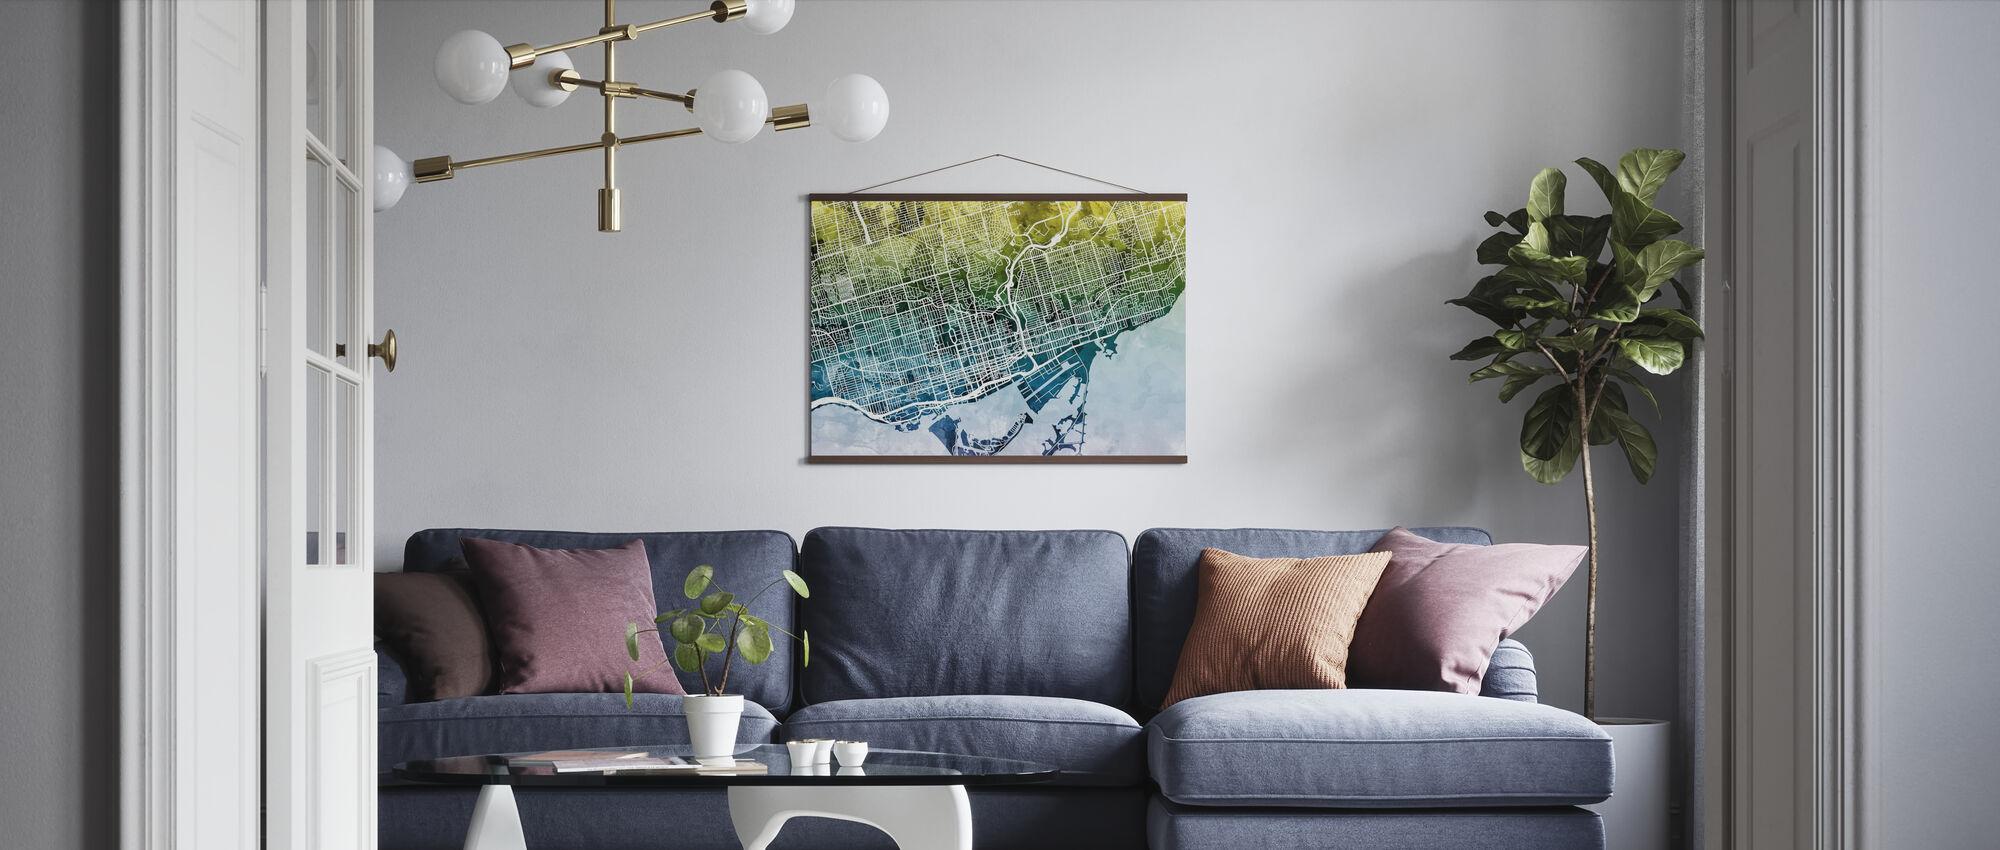 Toronto Street Map Bluegreen - Plakat - Stue